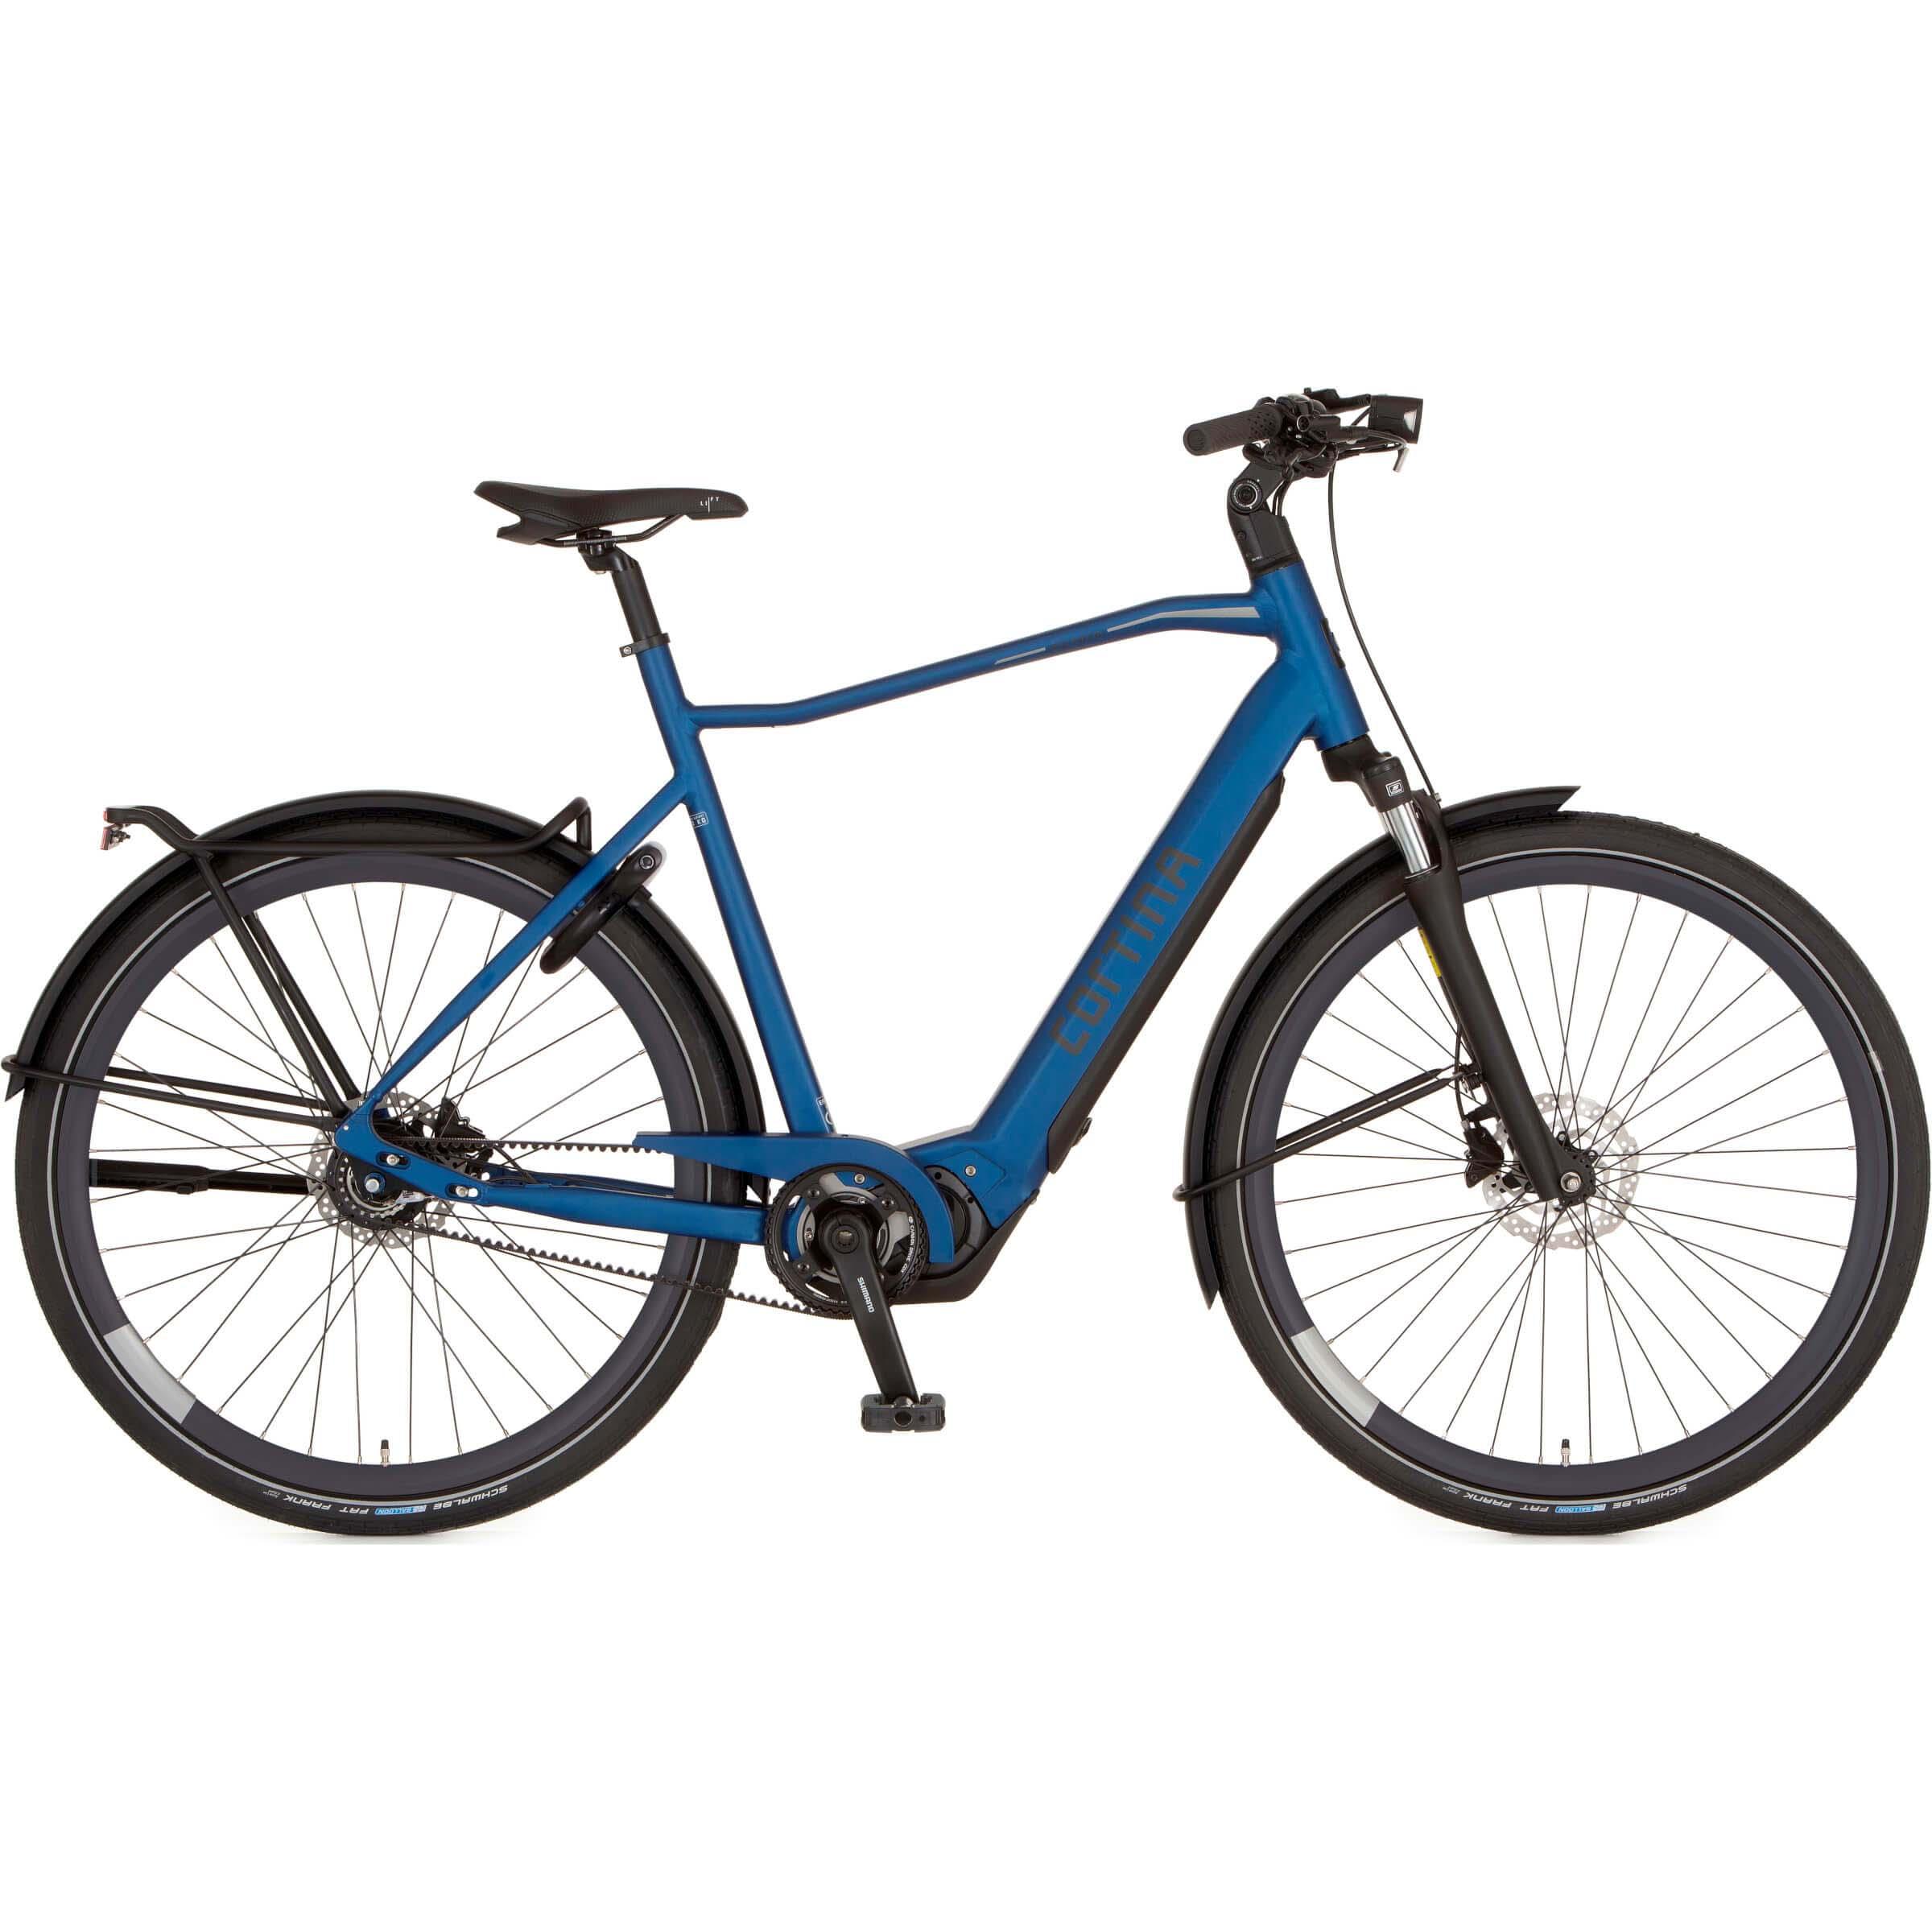 Cortina E-Silento Blue Leasefiets